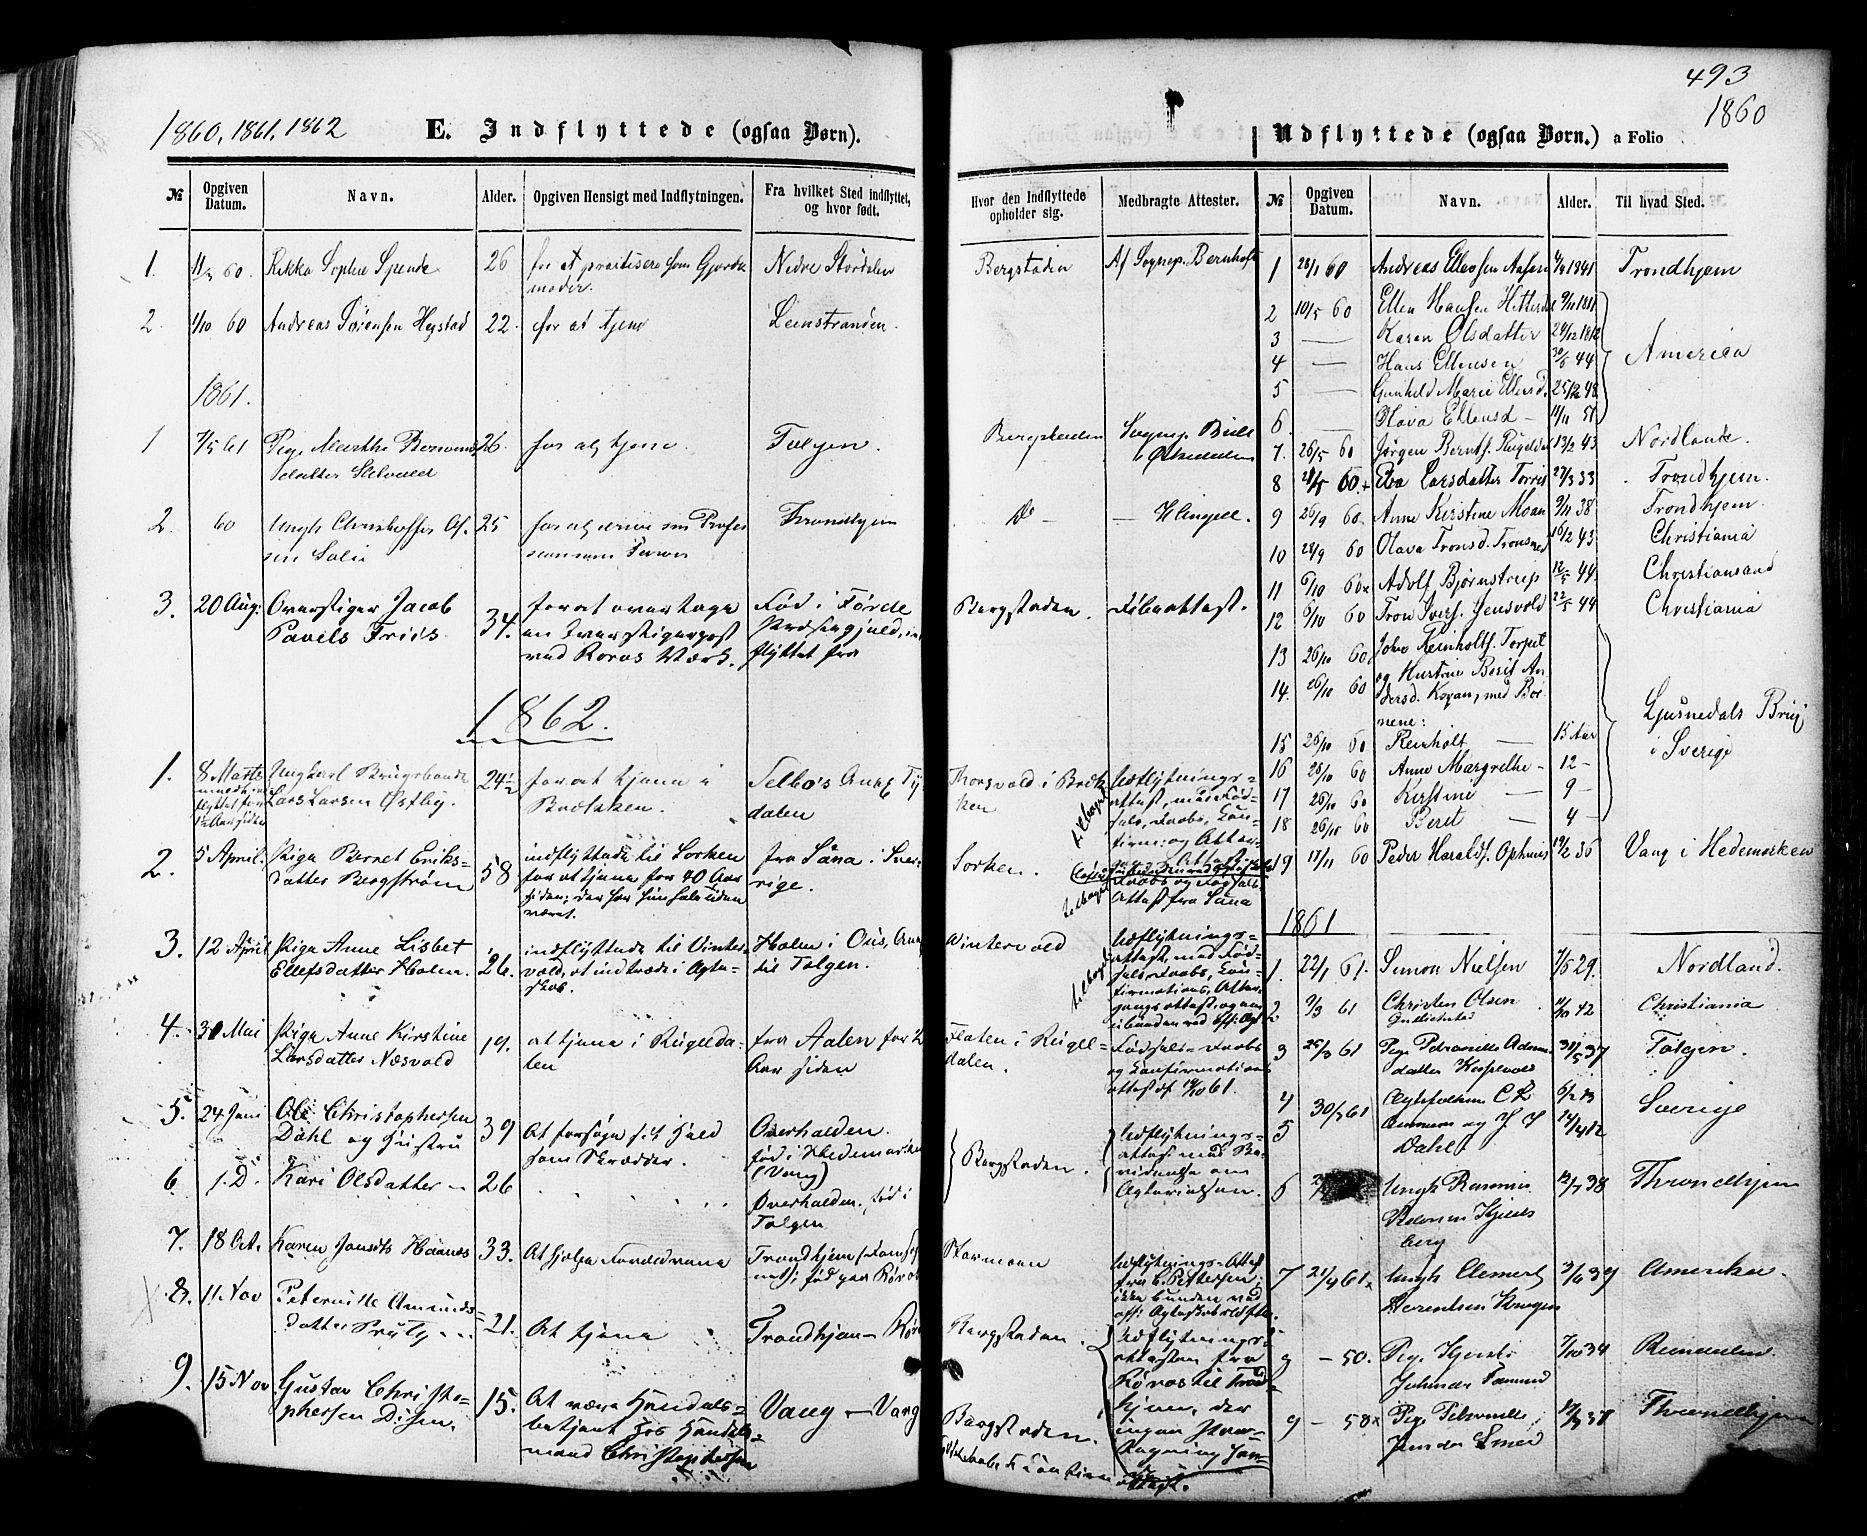 SAT, Ministerialprotokoller, klokkerbøker og fødselsregistre - Sør-Trøndelag, 681/L0932: Ministerialbok nr. 681A10, 1860-1878, s. 493